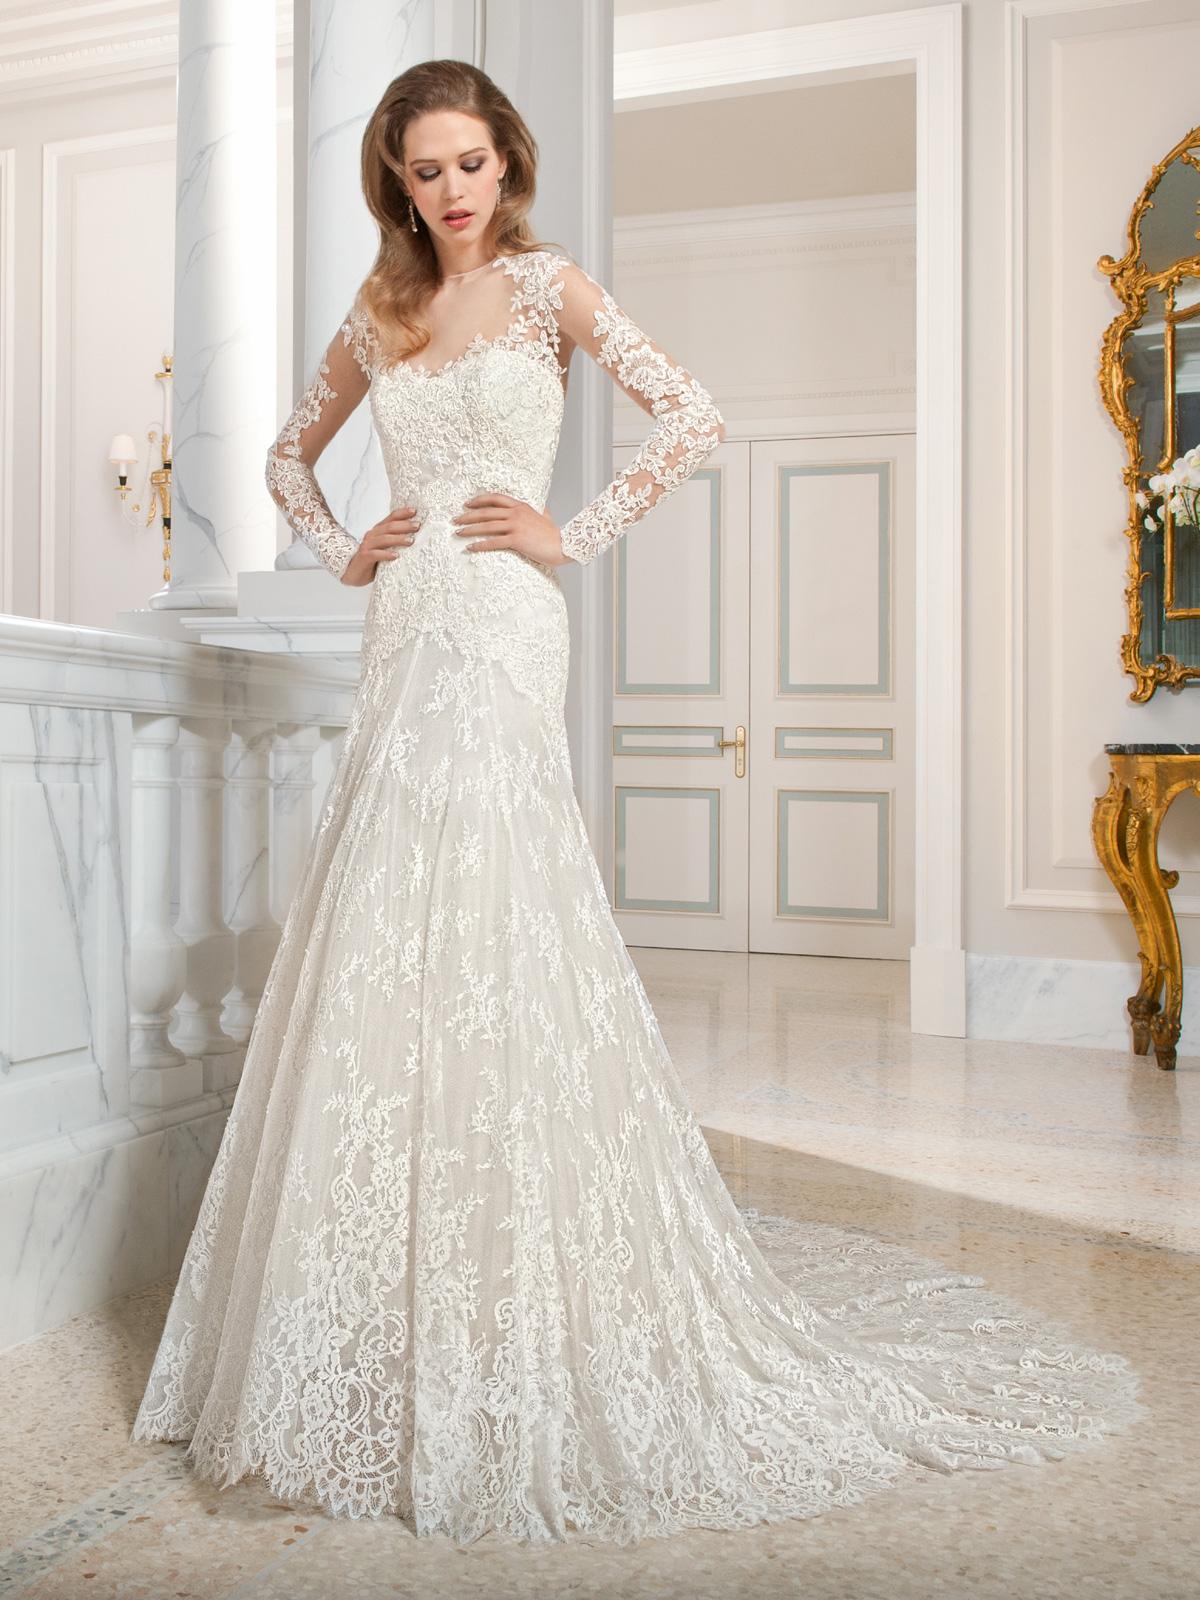 Vestido de Noiva sereia todo em renda chantily francesa, rebordado em pedrarias, com mangas longas, transparência nas costas e leve cauda.